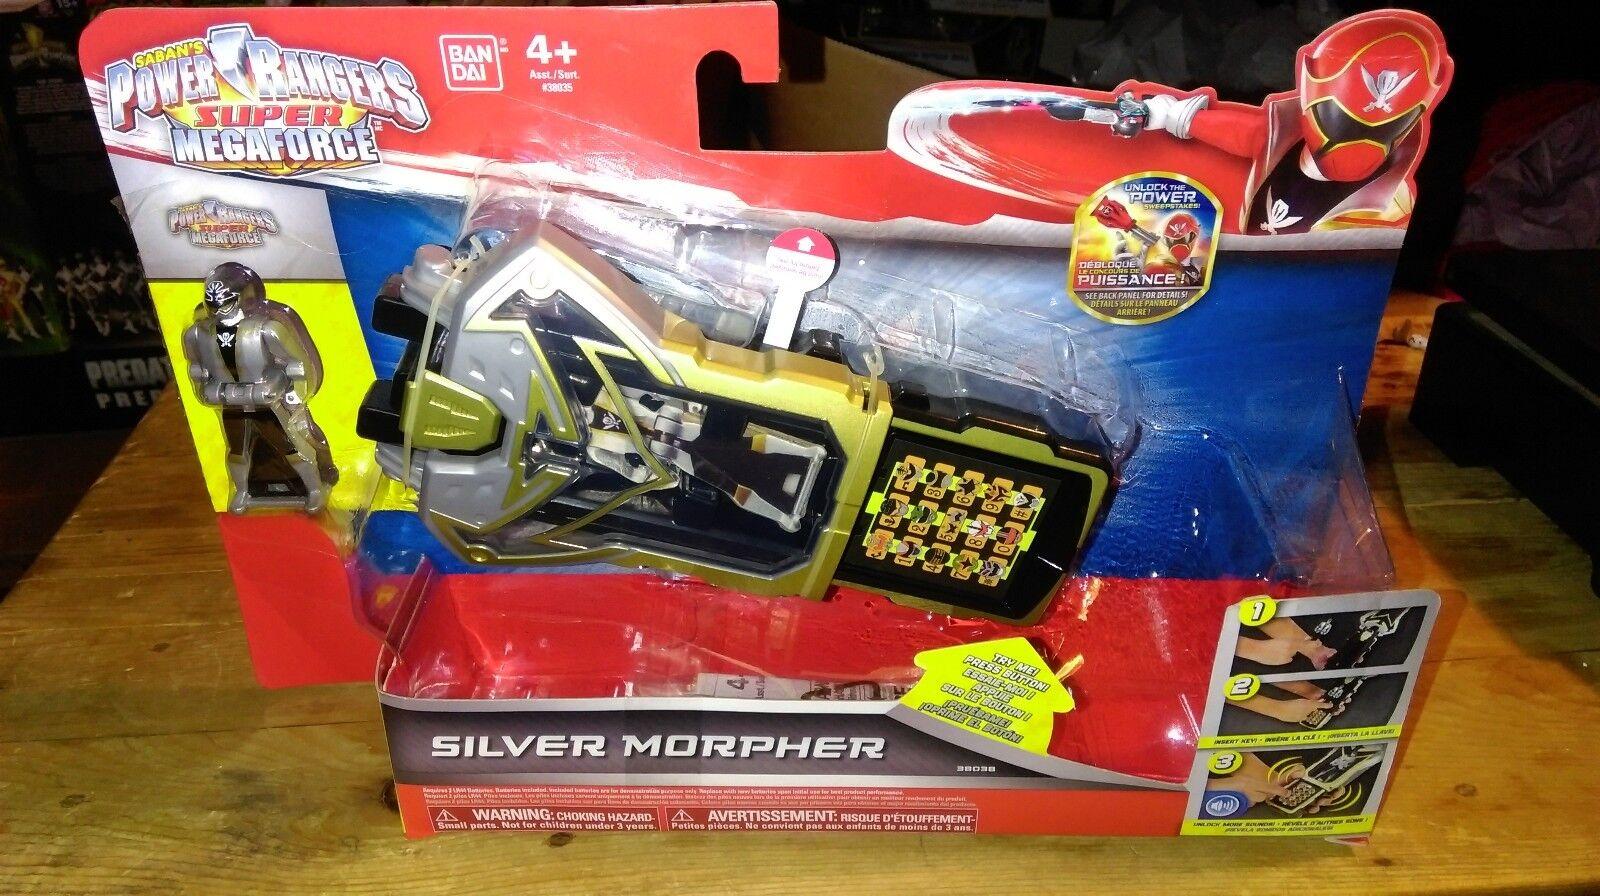 nueva gama alta exclusiva Power Rangers súper Megaforce Plata Plata Plata Ranger Morpher Nuevo  promociones de equipo